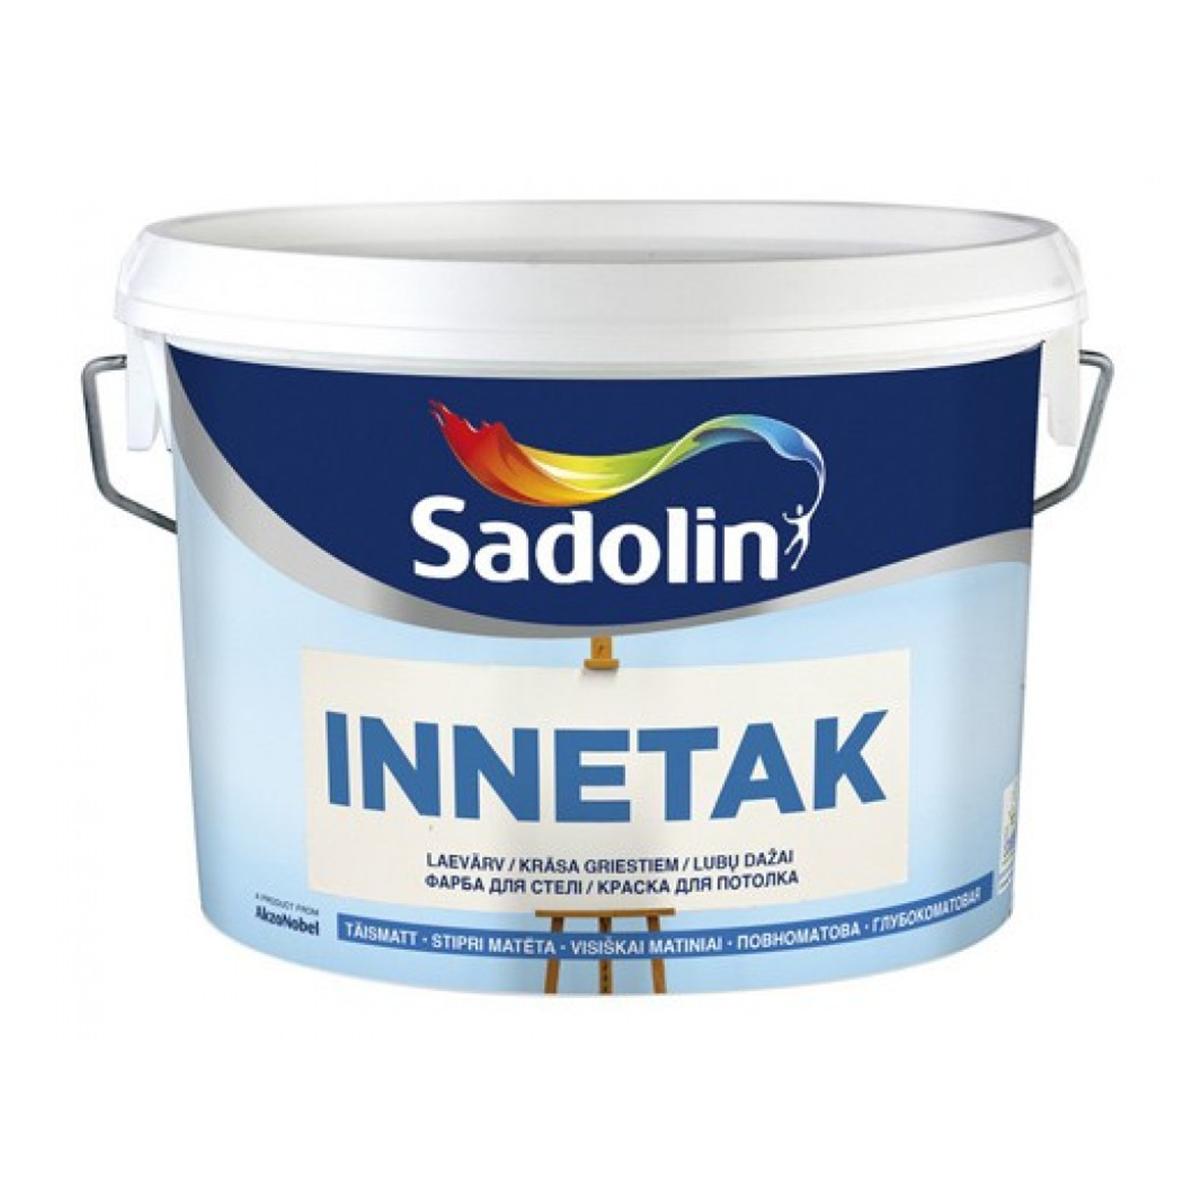 Глубокоматовая краска для потолка Sadolin Innetak 2.5л (Садолин Иннетак)